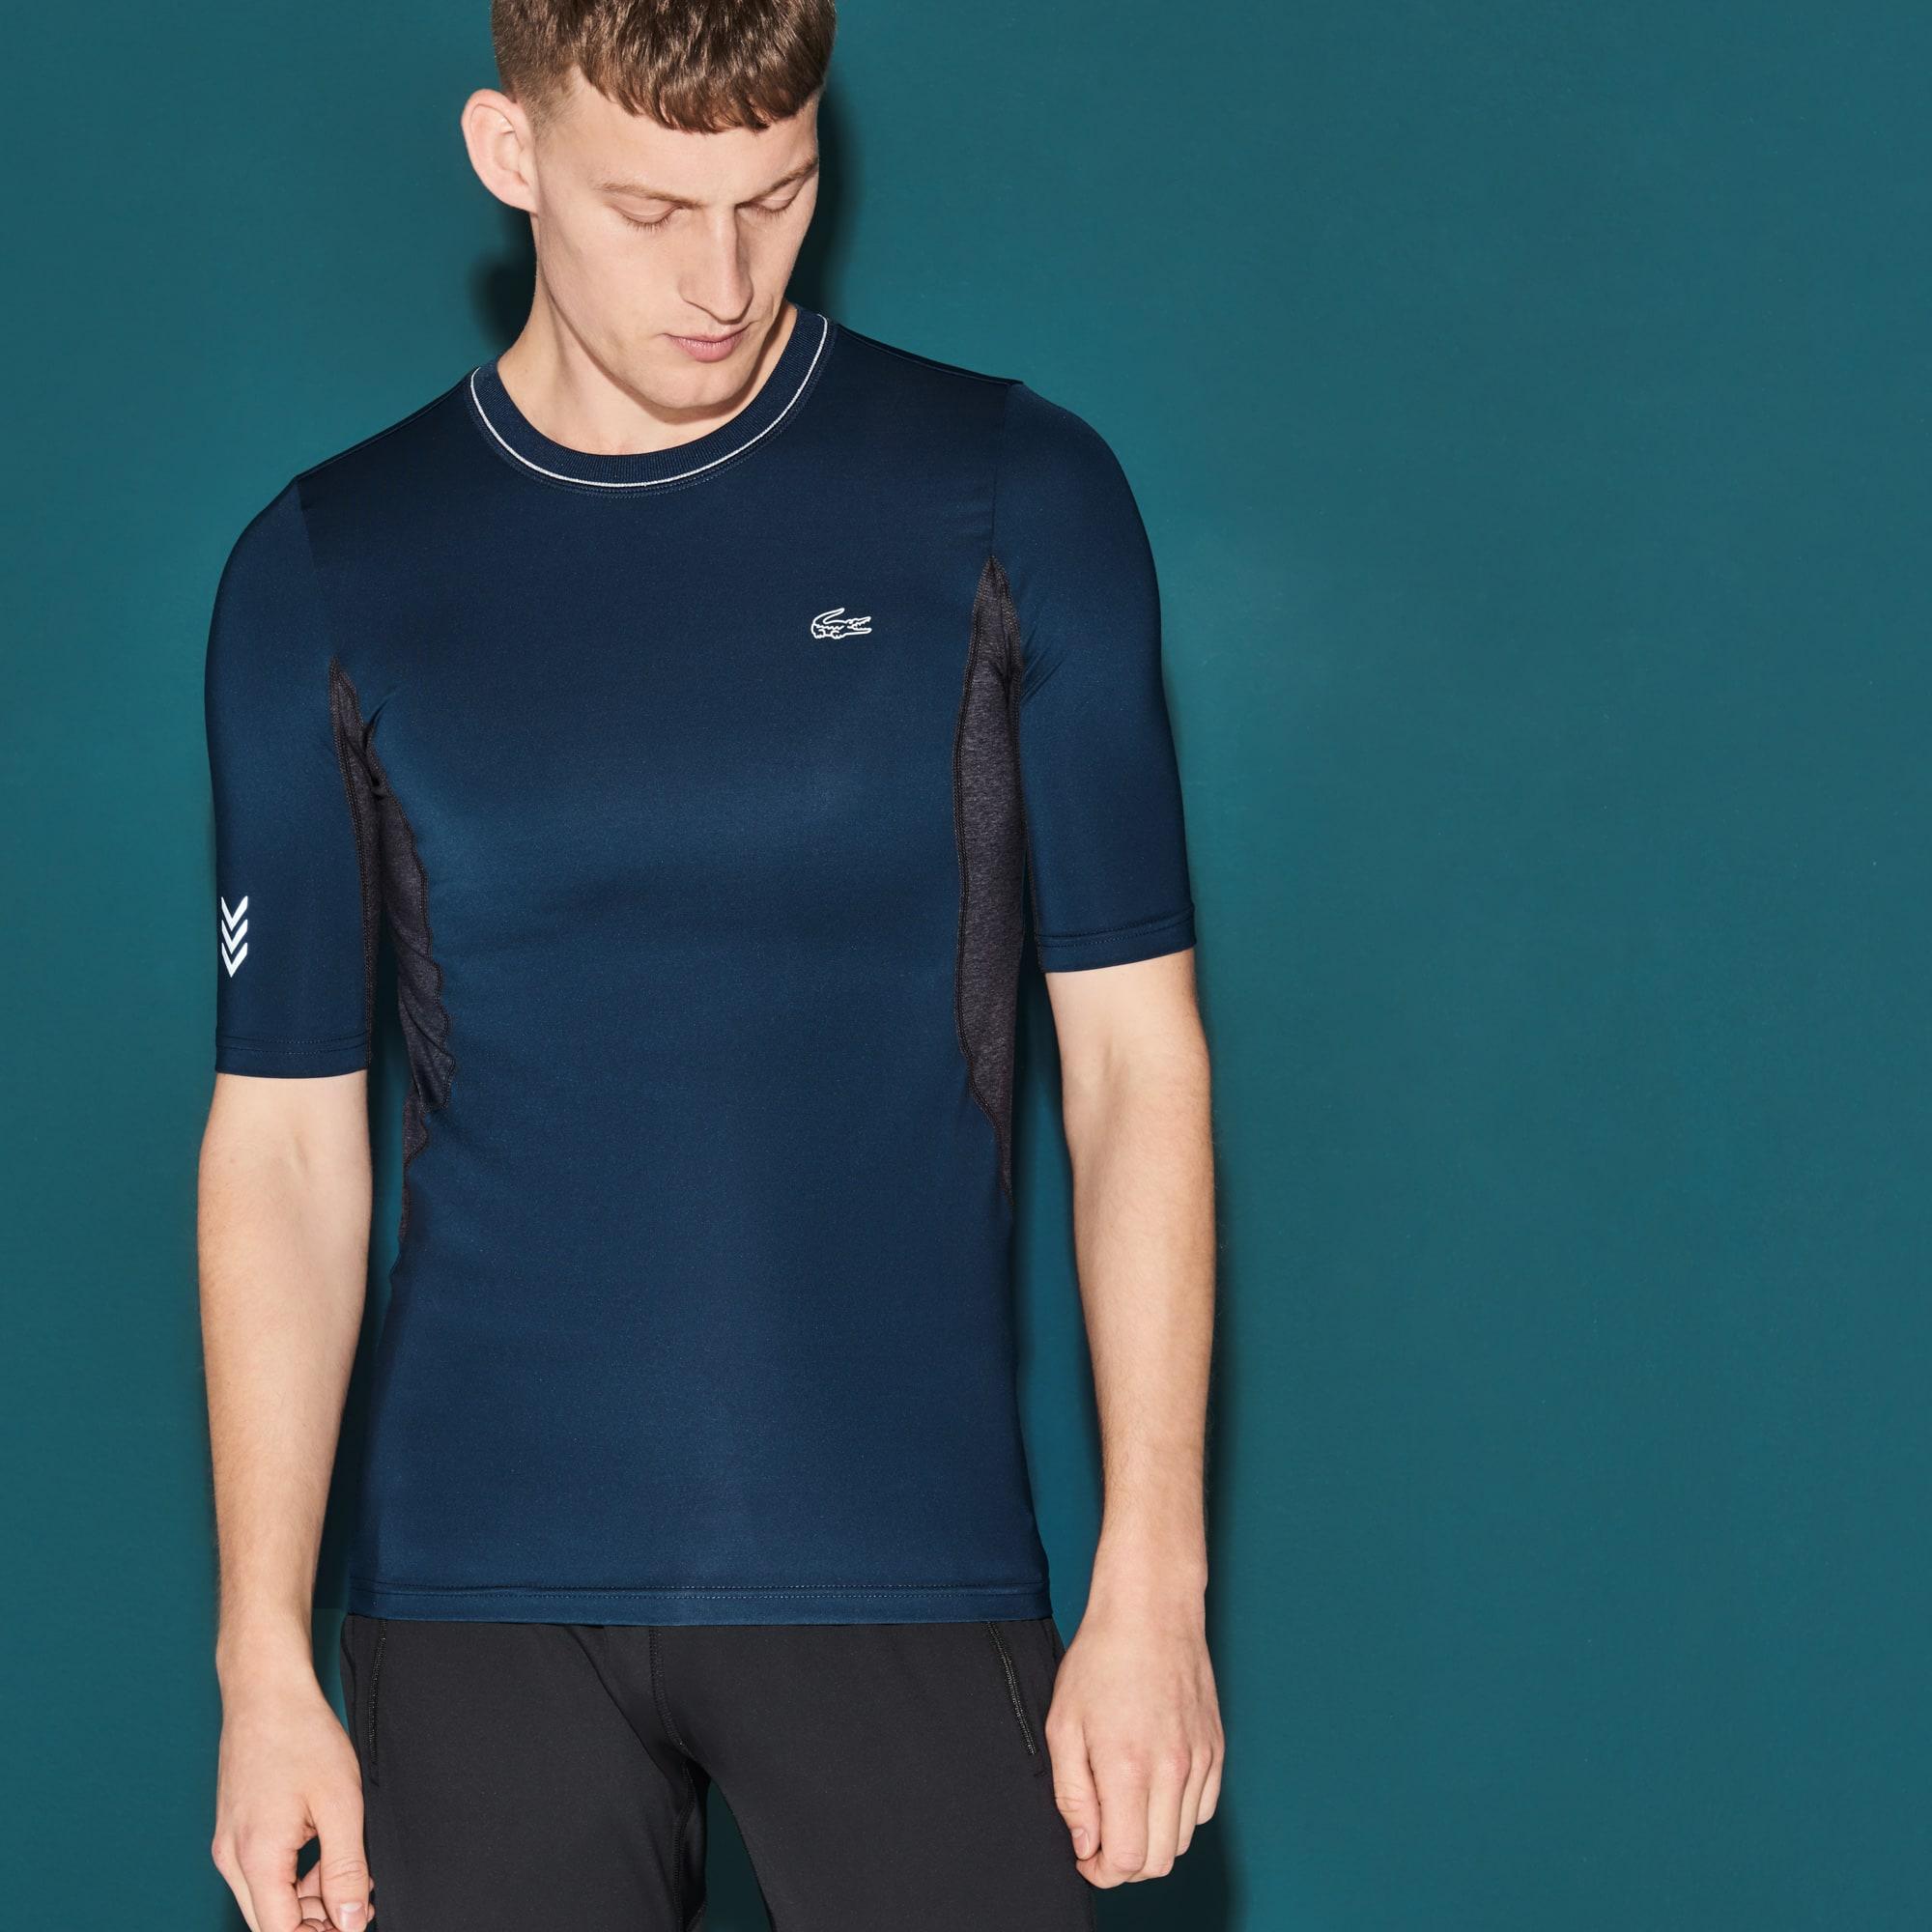 Camiseta De Compresión Hombre Tenis Lacoste Sport